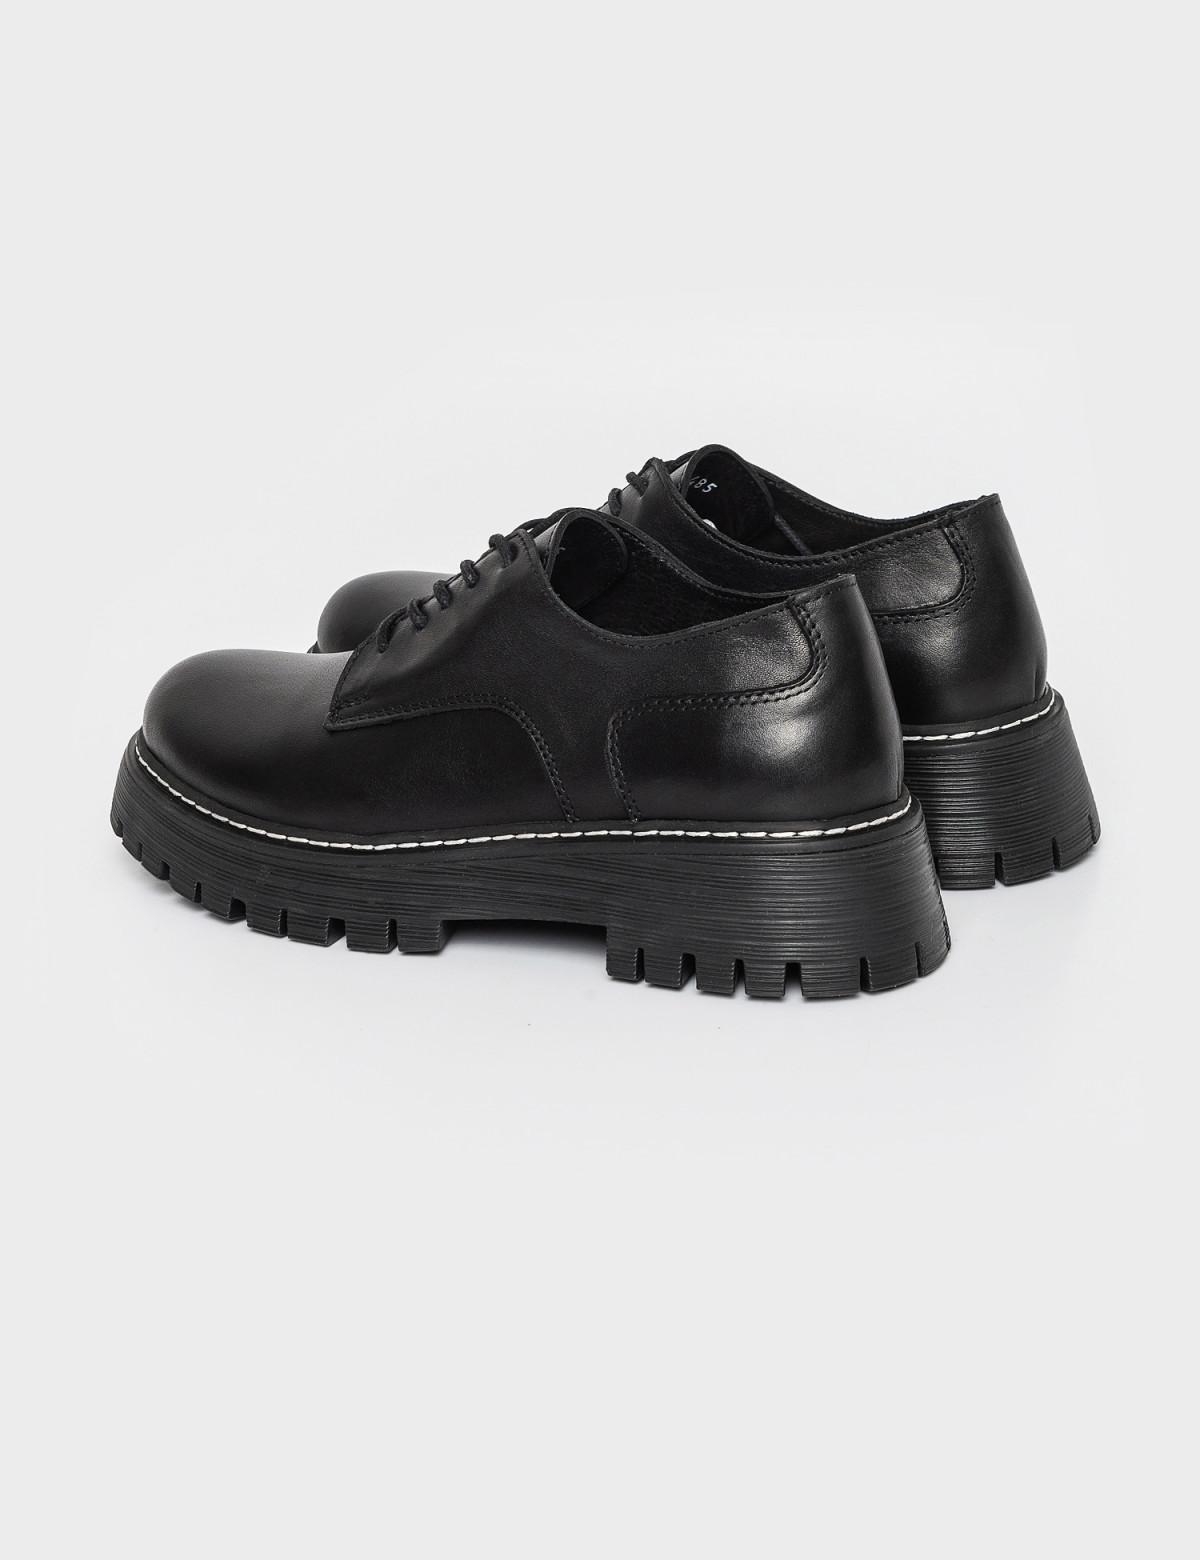 Туфлі чорні. Натуральна шкіра2